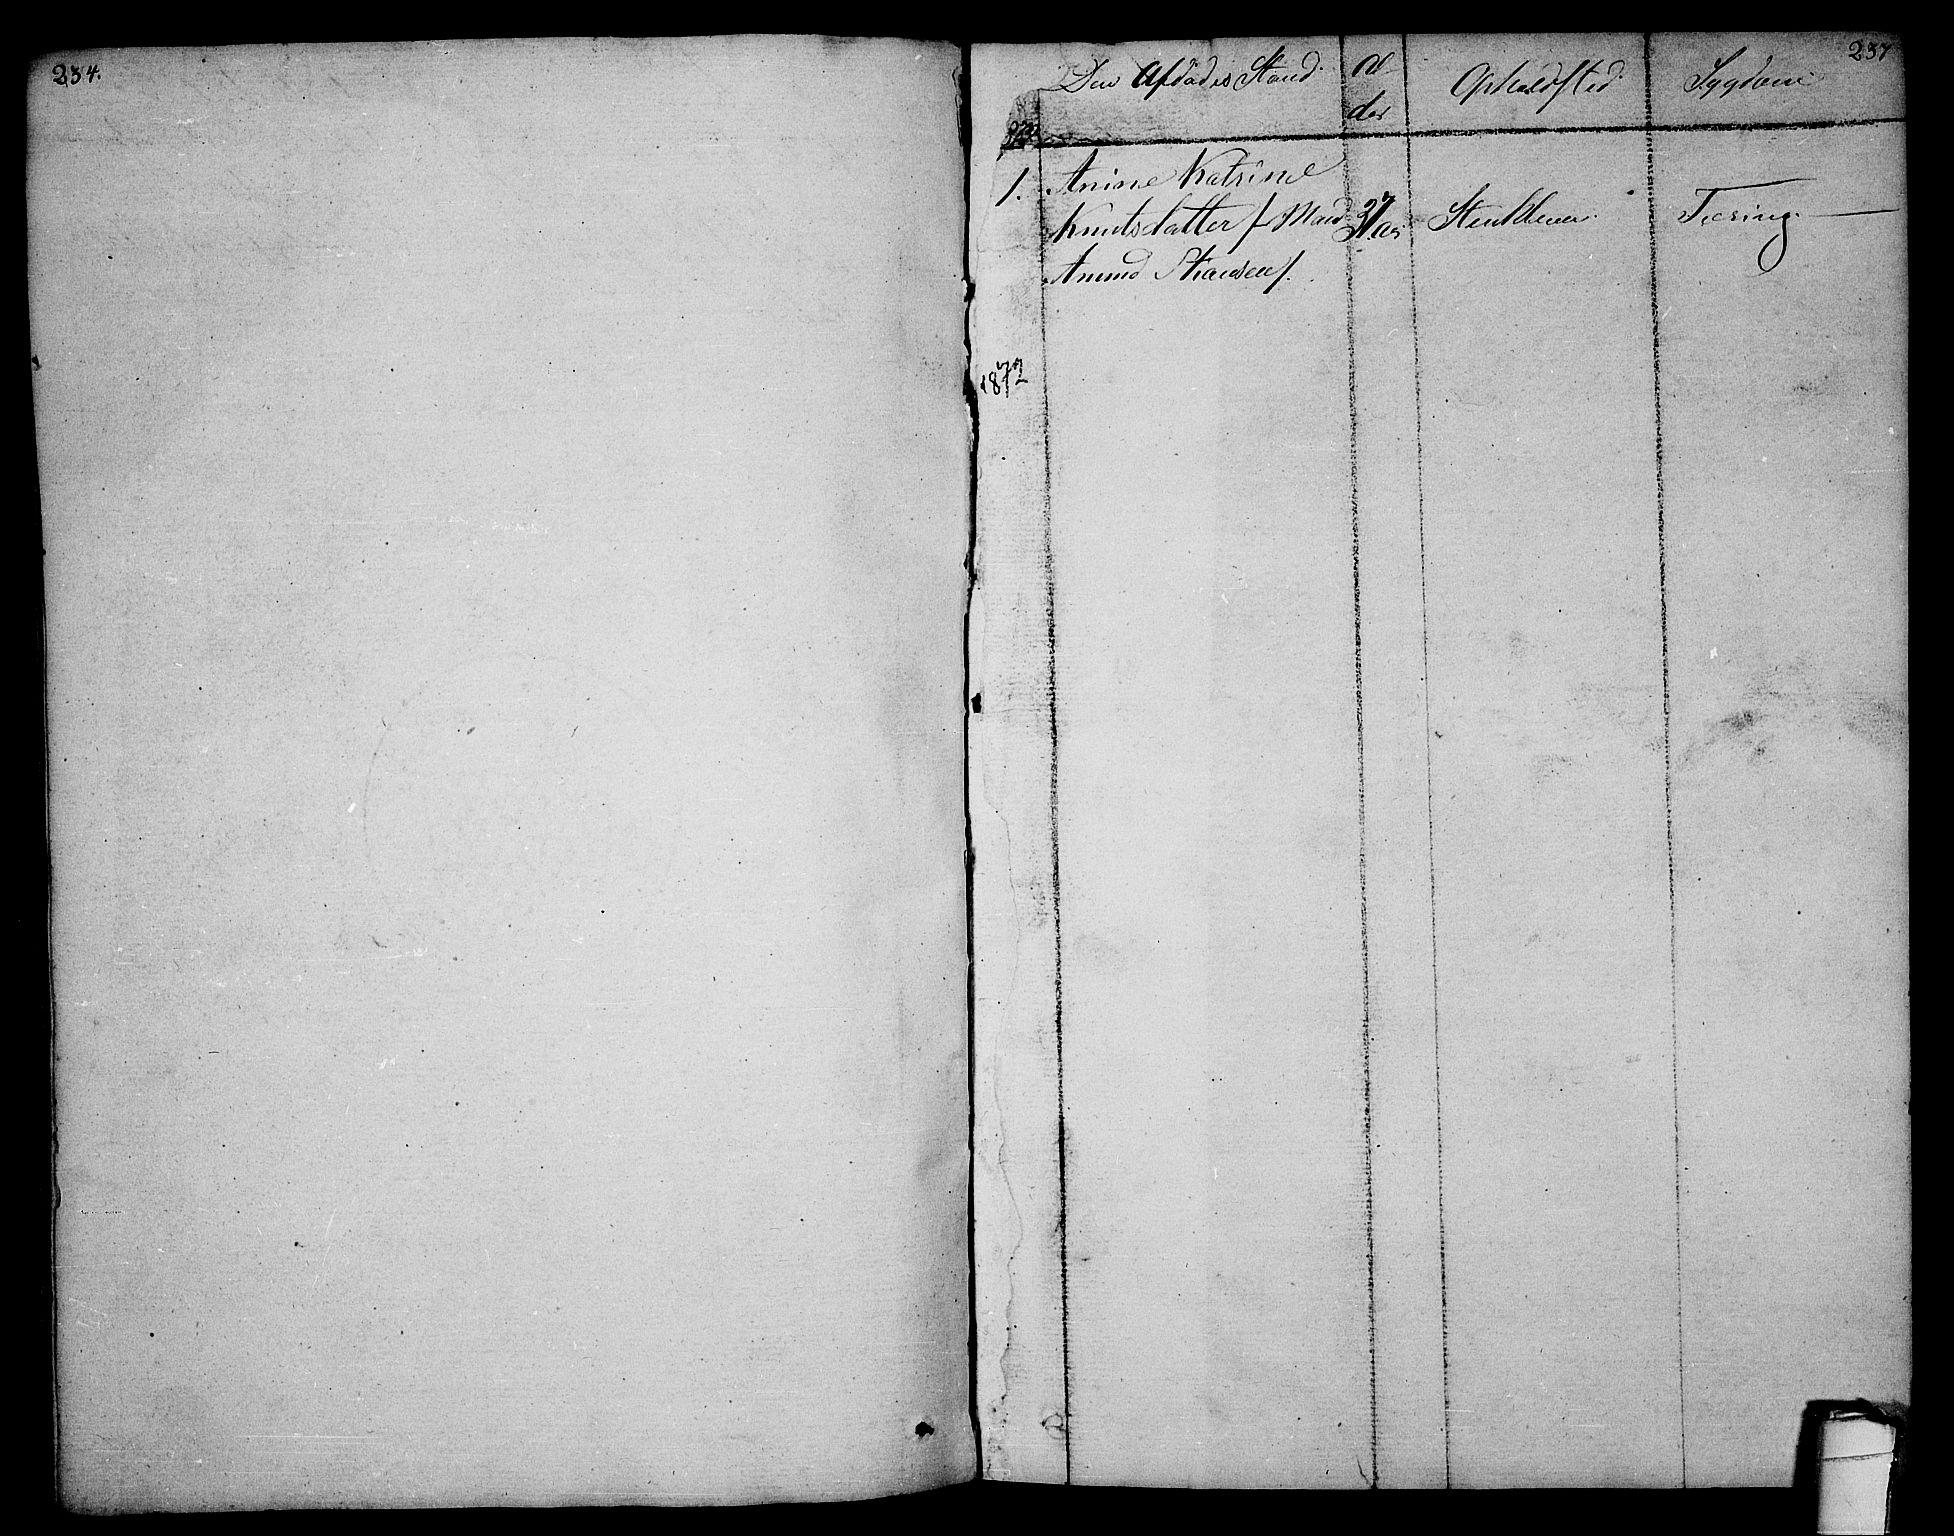 SAKO, Sannidal kirkebøker, F/Fa/L0003: Ministerialbok nr. 3, 1803-1813, s. 236-237